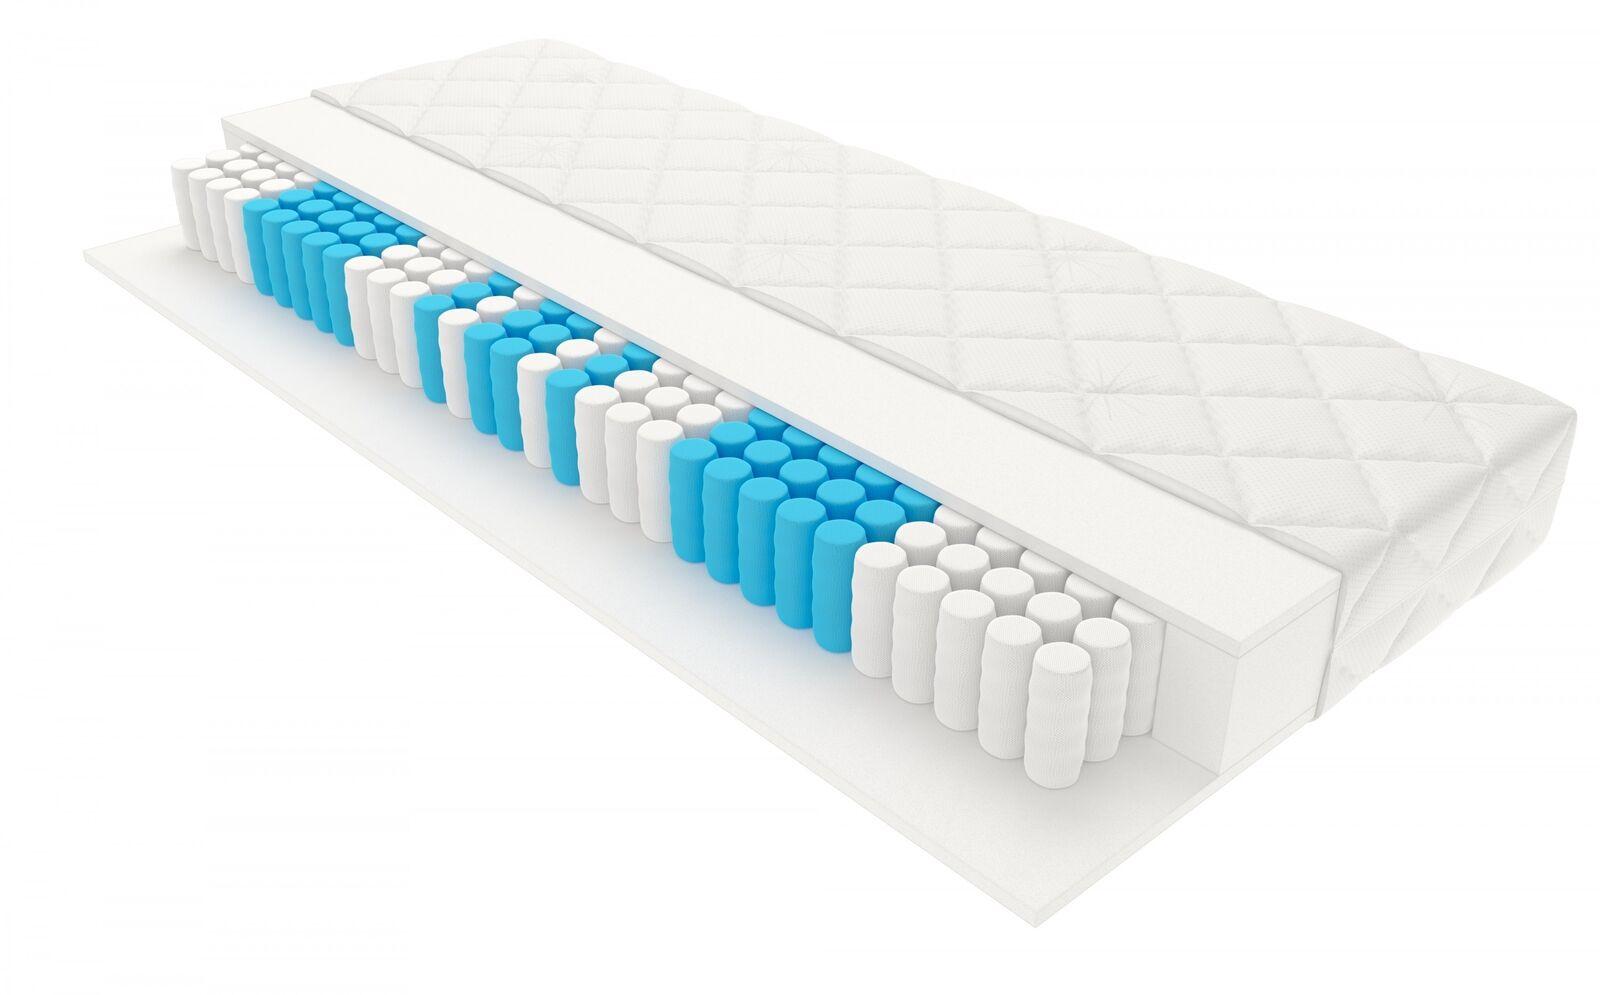 tonnentaschenfederkernmatratze test vergleich tonnentaschenfederkernmatratze g nstig kaufen. Black Bedroom Furniture Sets. Home Design Ideas